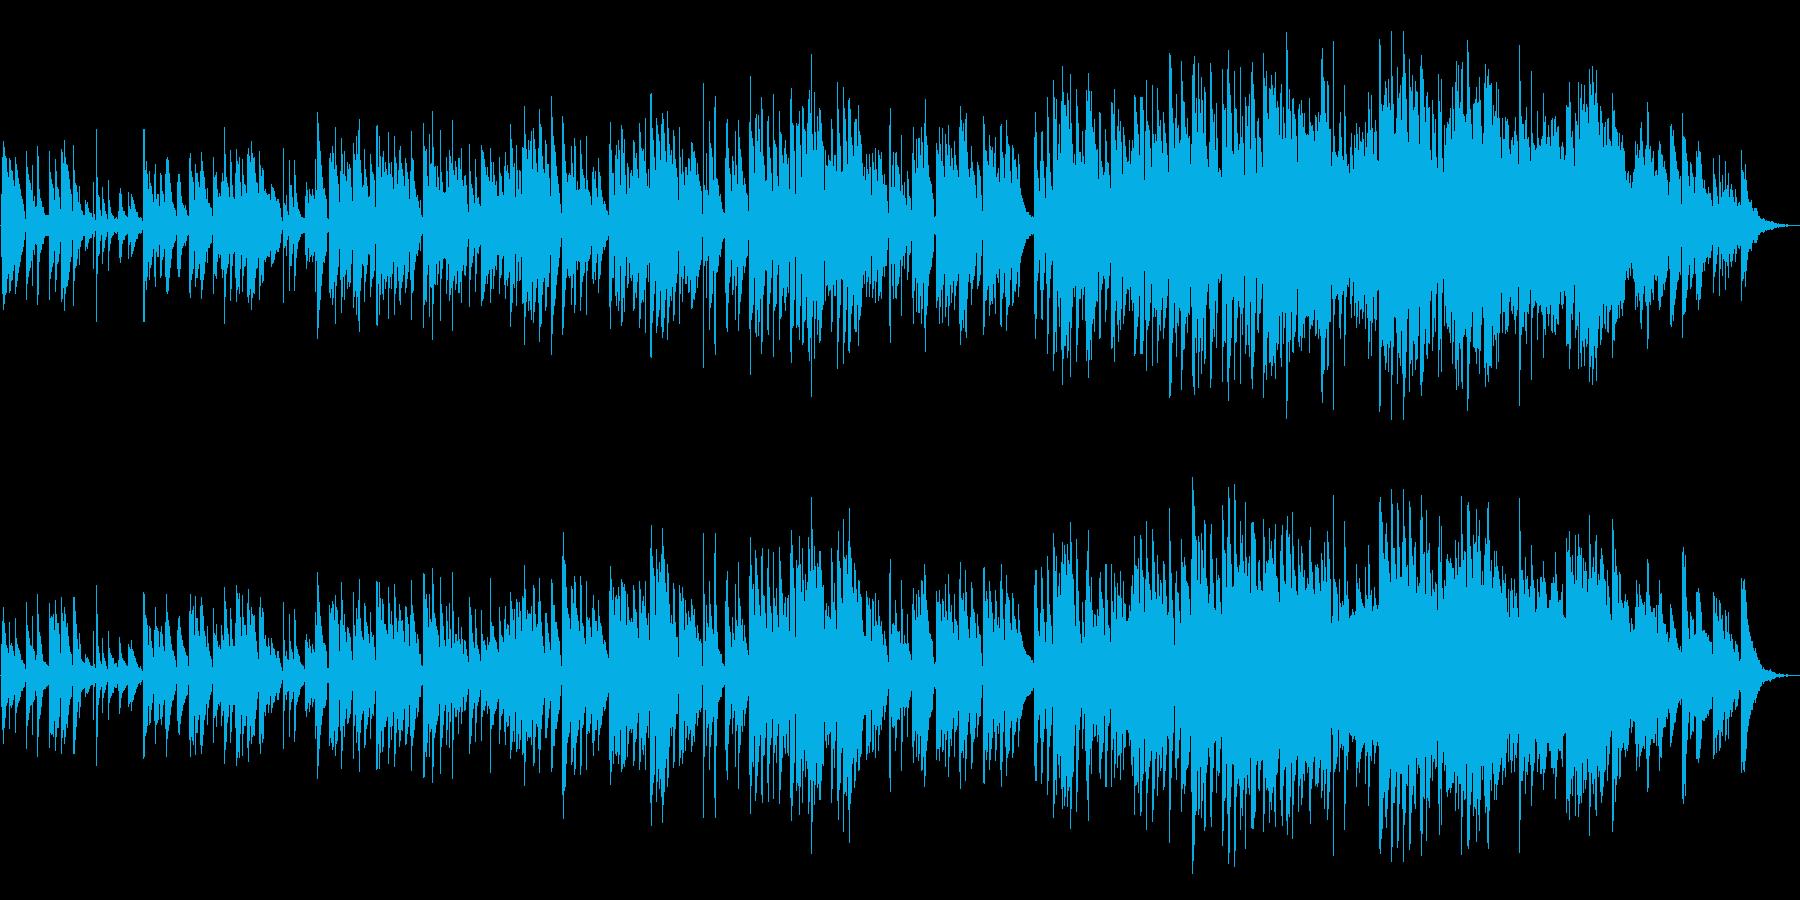 ゆったりとした優しいバラードの再生済みの波形